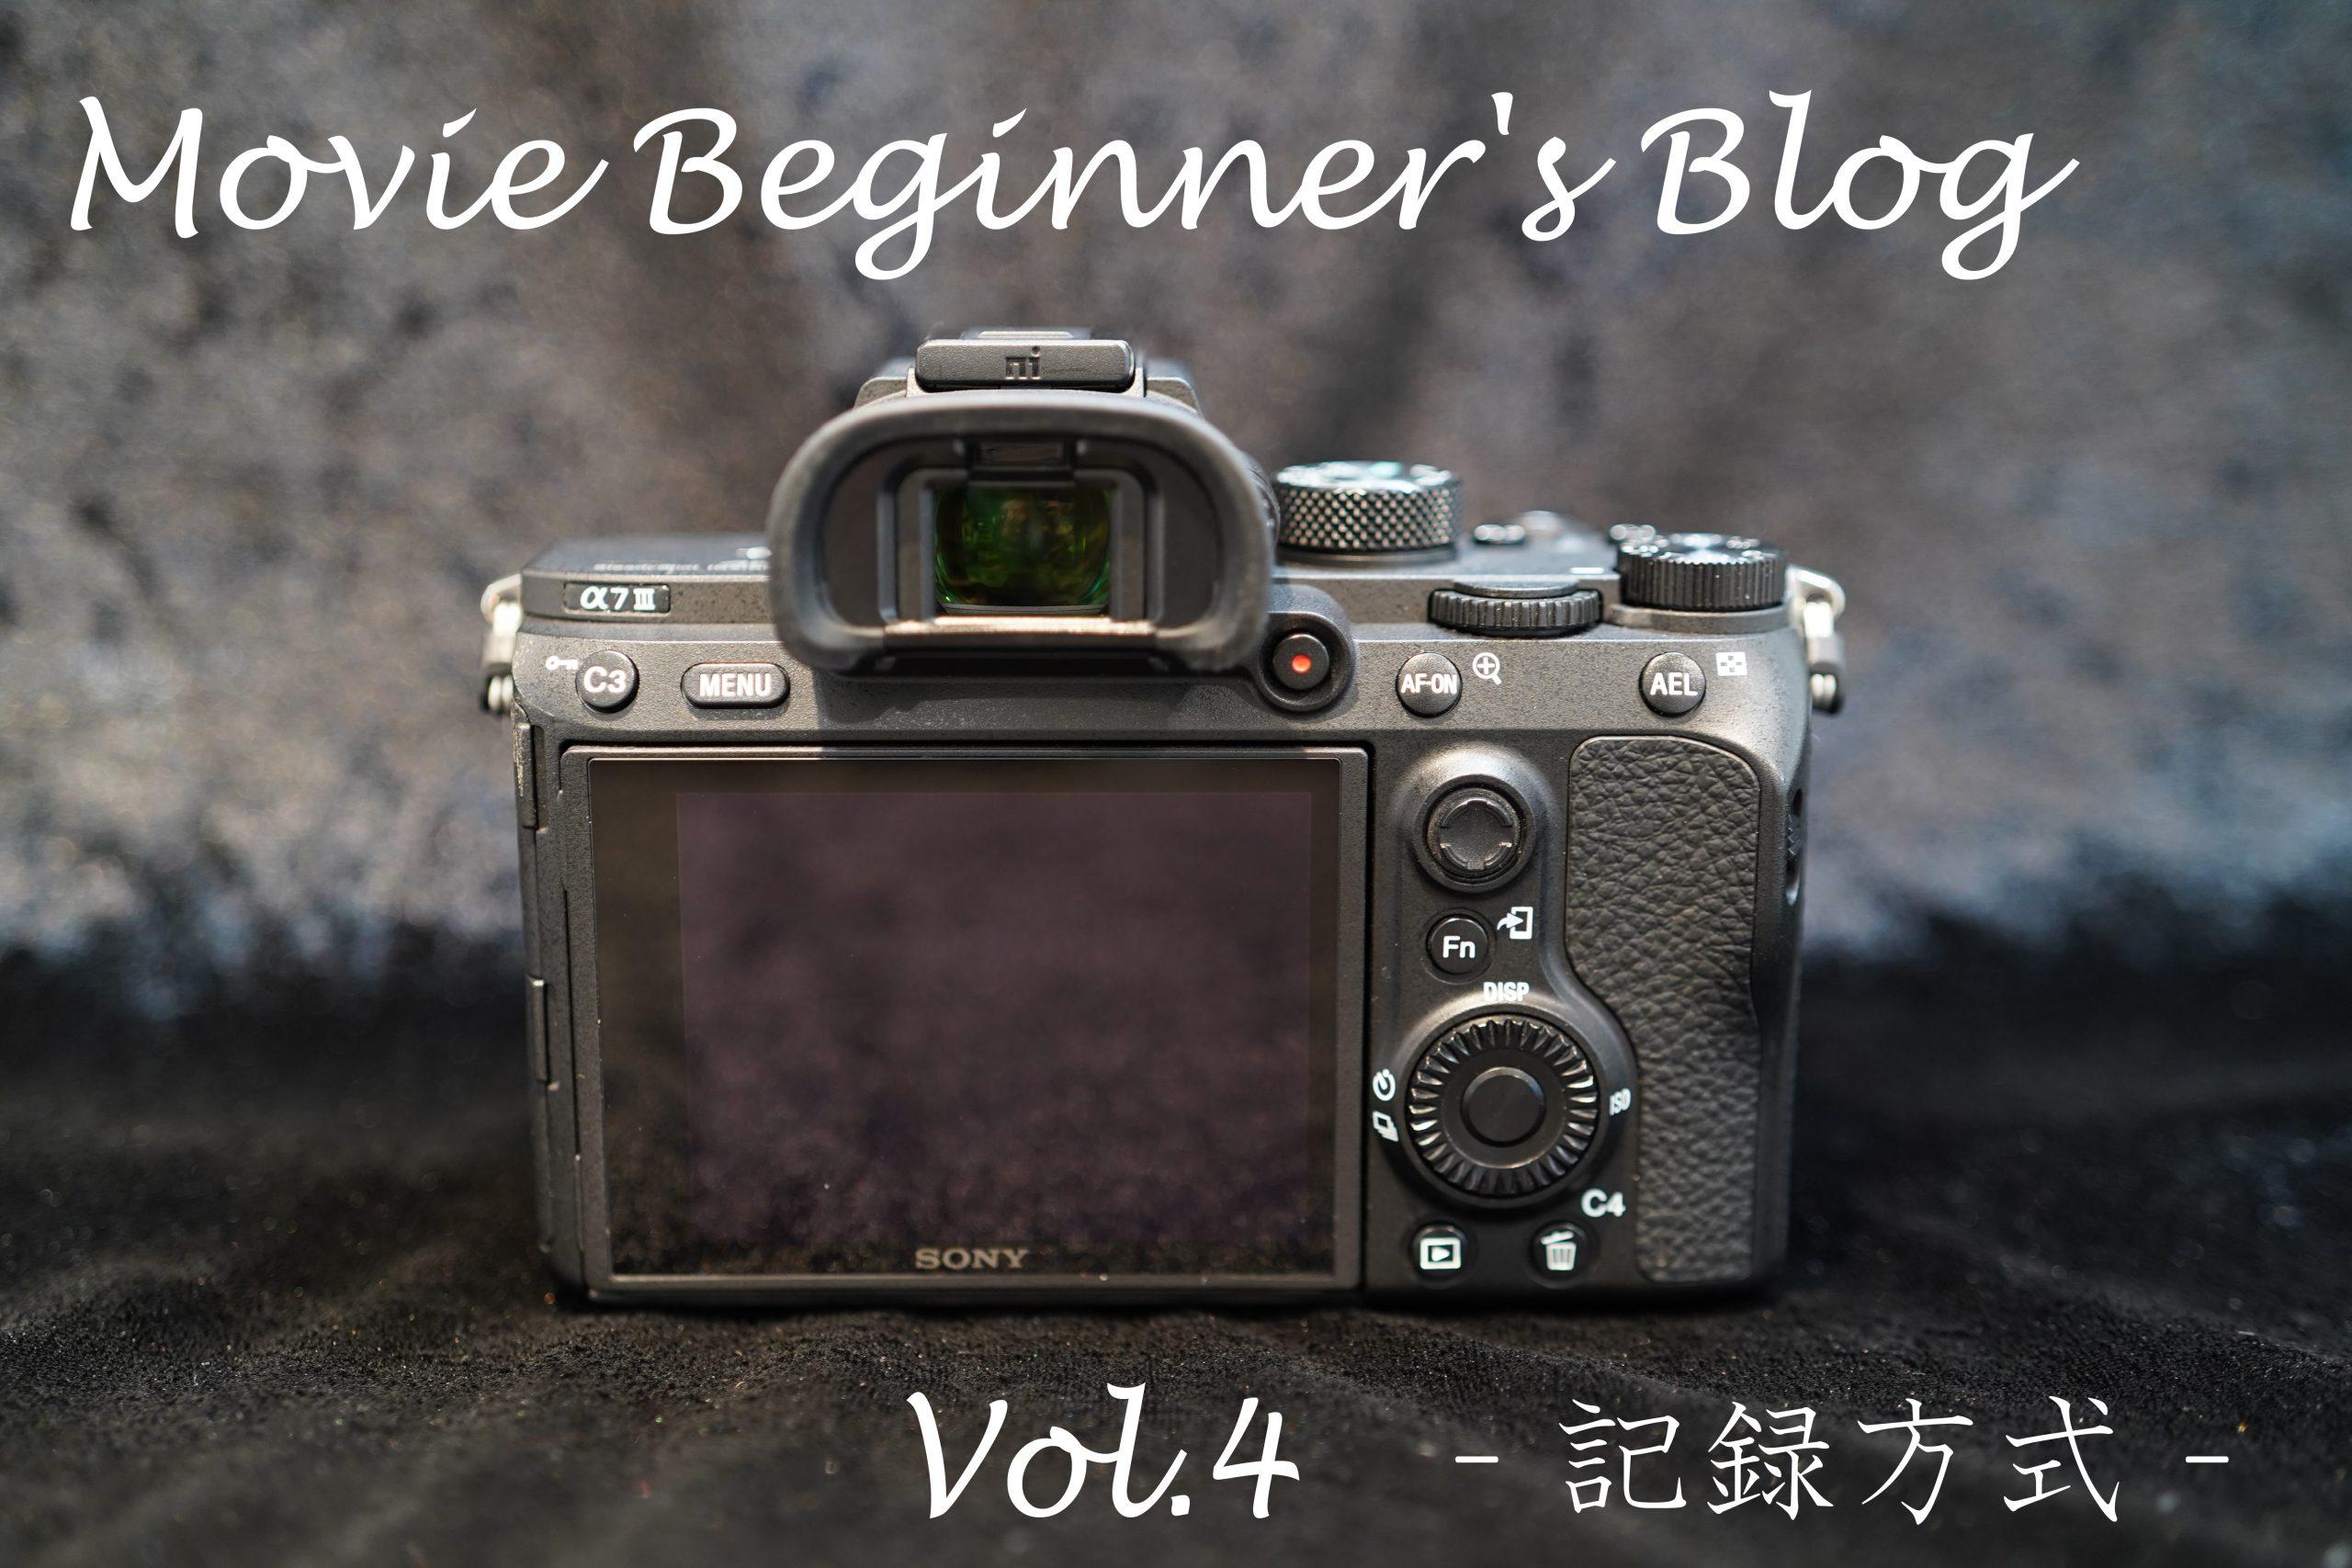 【SONY】Movie Beginner's Blog Vol.4 -記録方式-